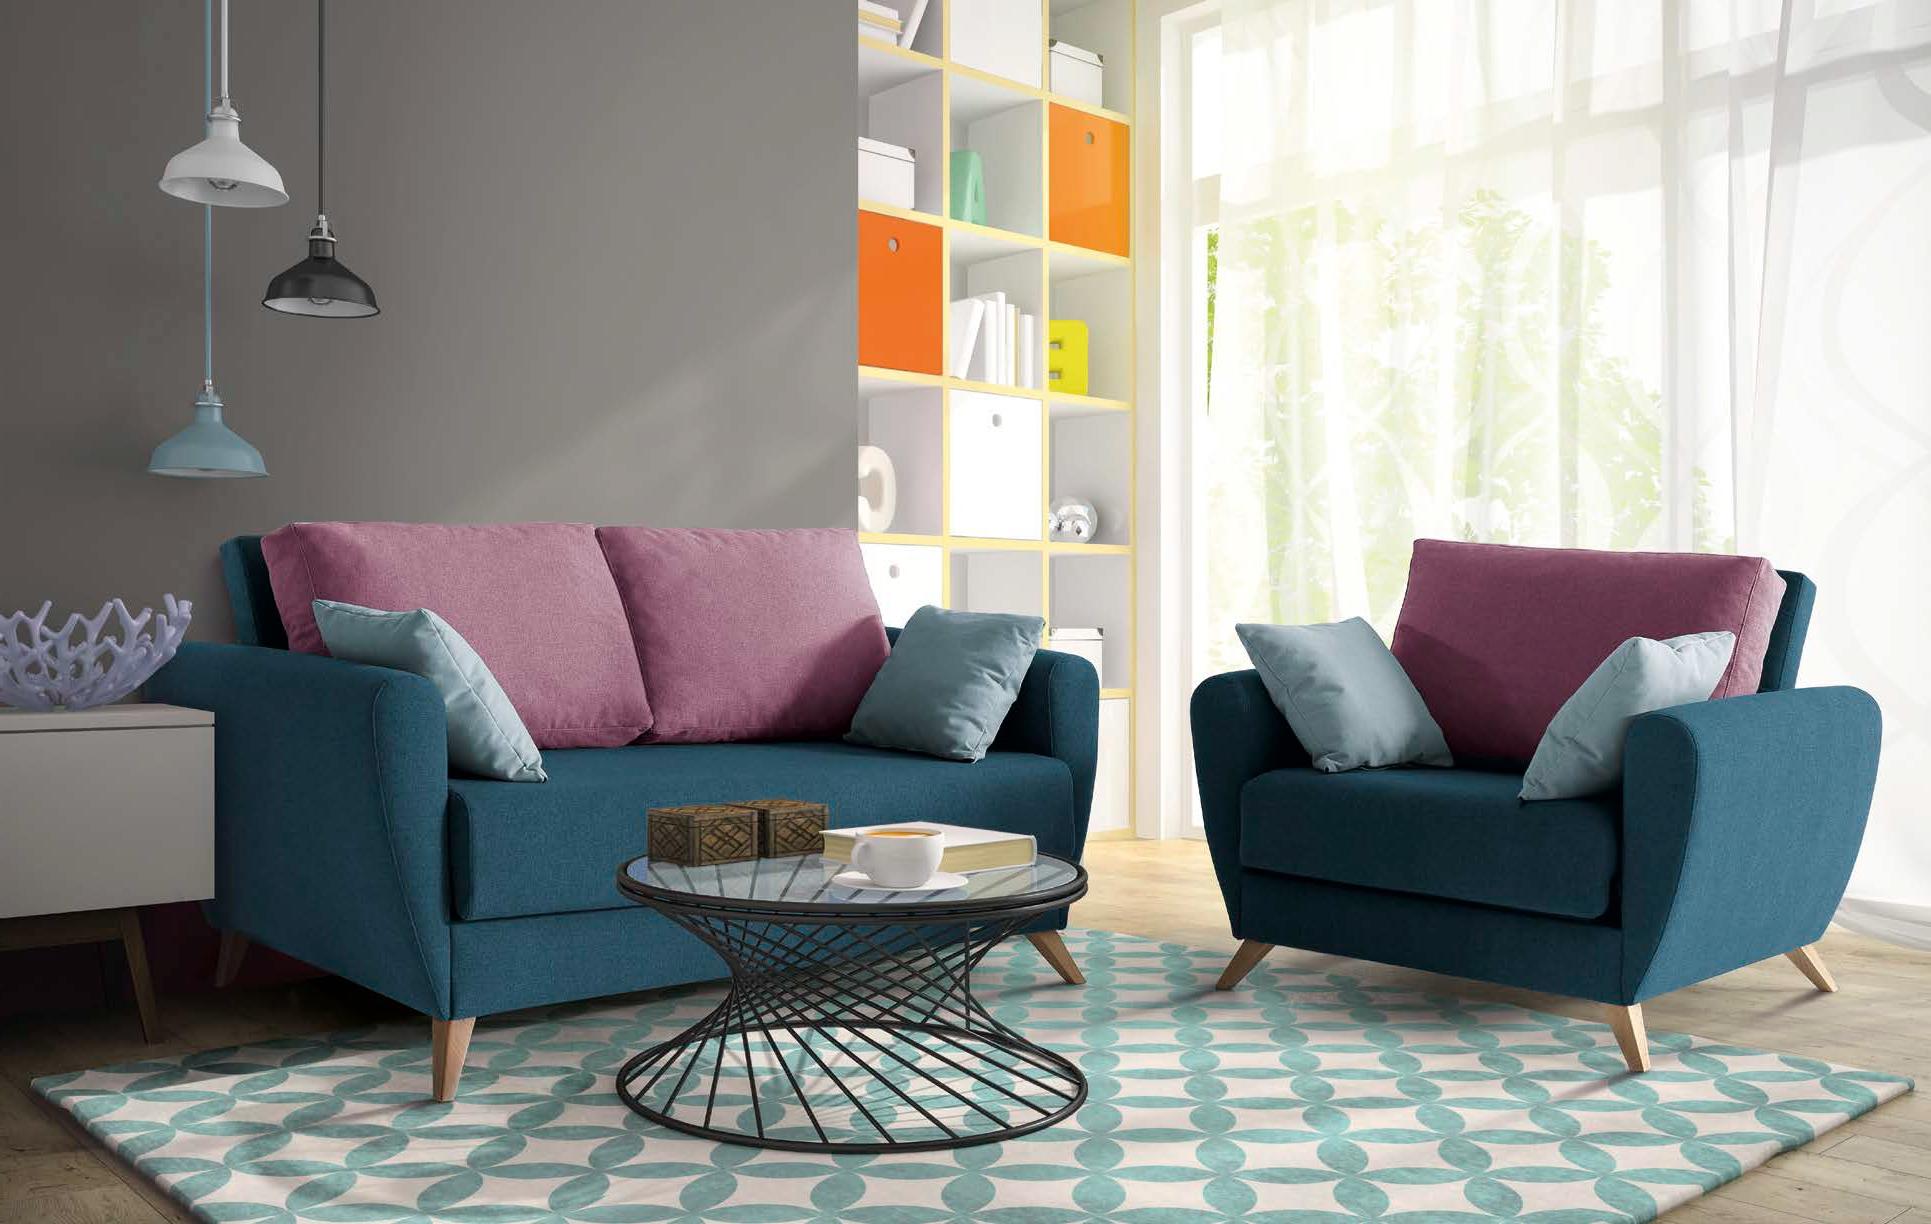 Tiendas De sofas En Granada Q0d4 sofà S Cama Spazio Confort Es Tu Tienda De sofà S En Granada Y Almerà A